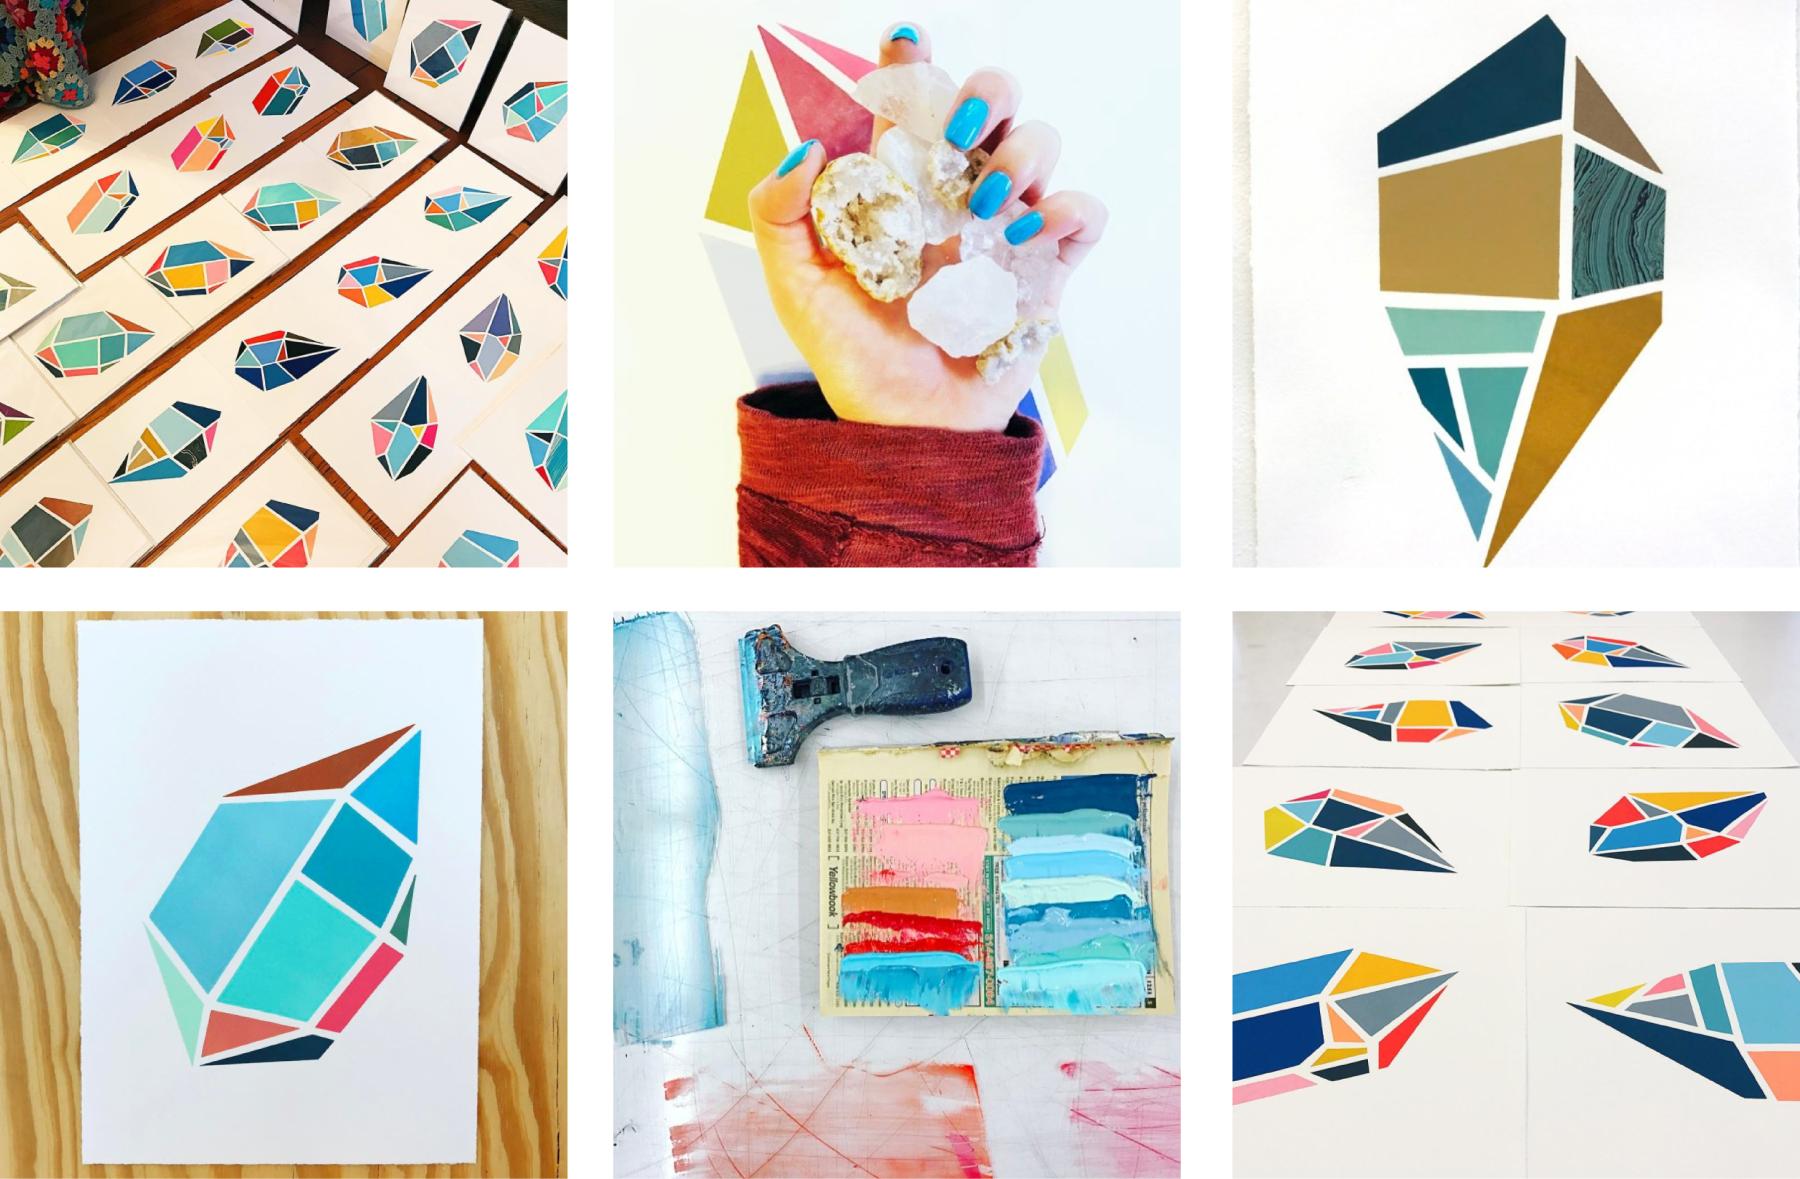 meetthemakers_collage.jpg